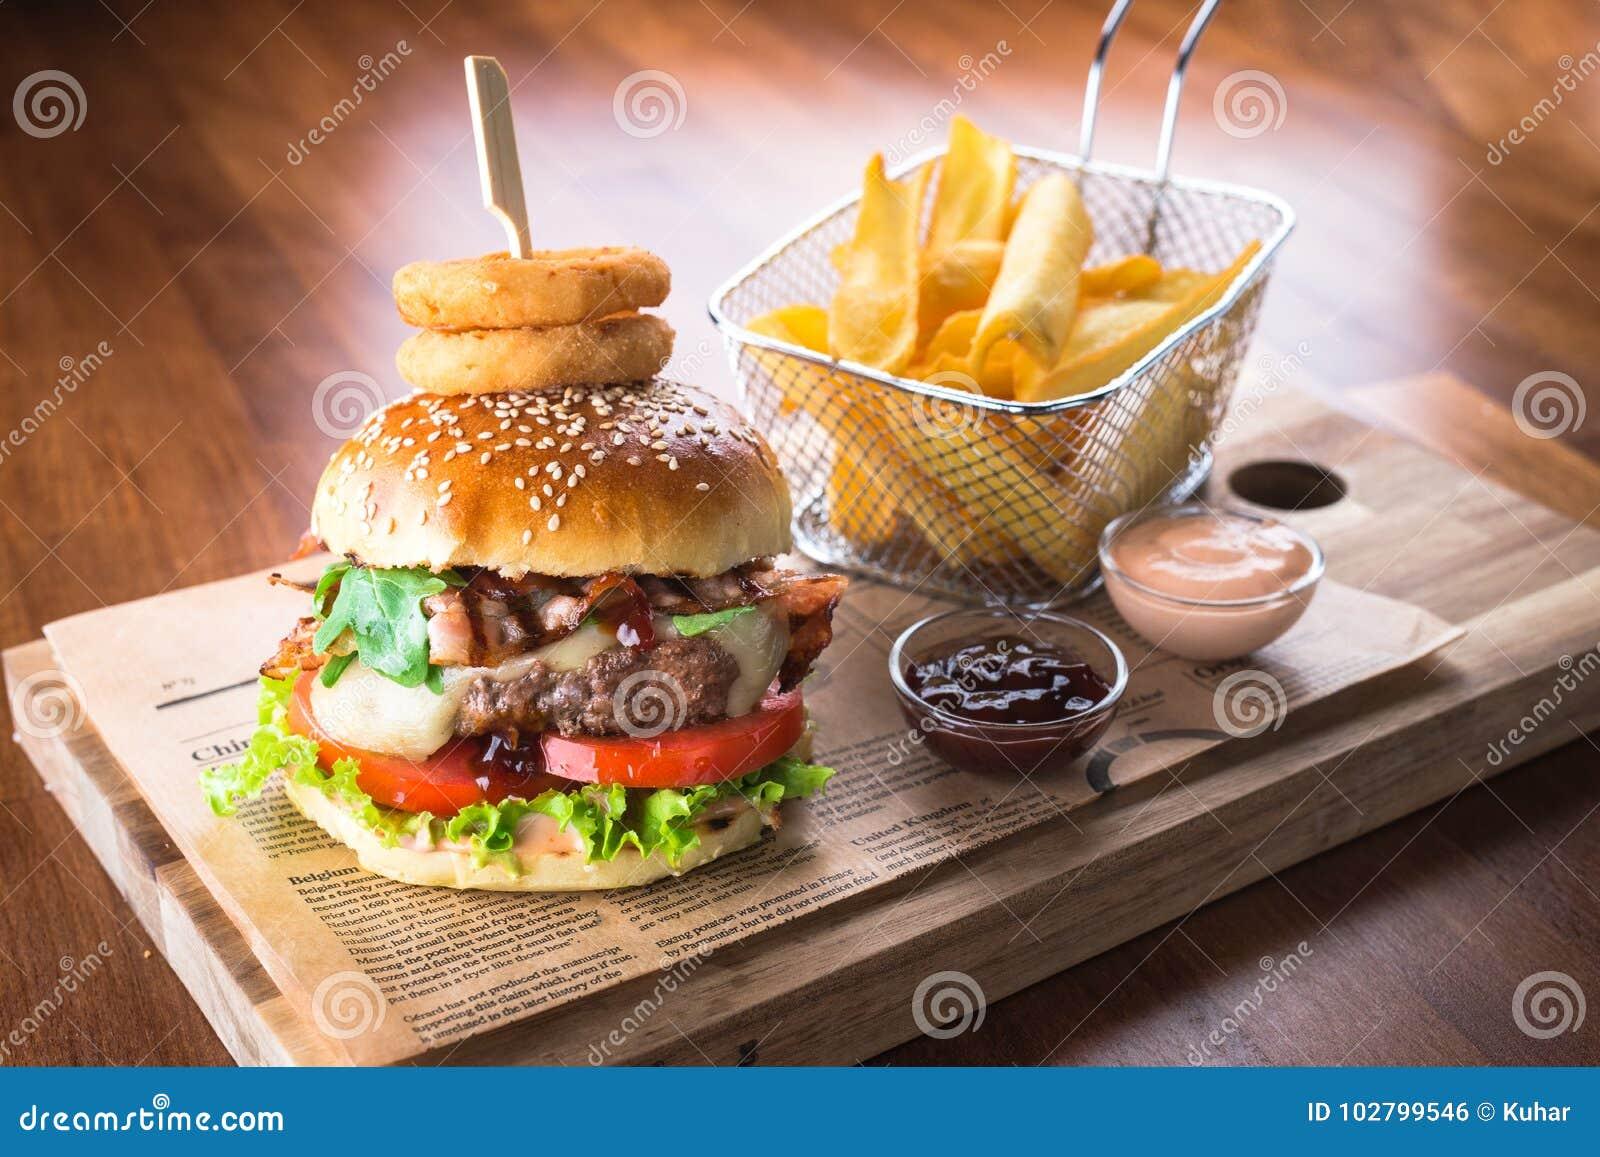 Hamburger fait maison avec des pommes frites